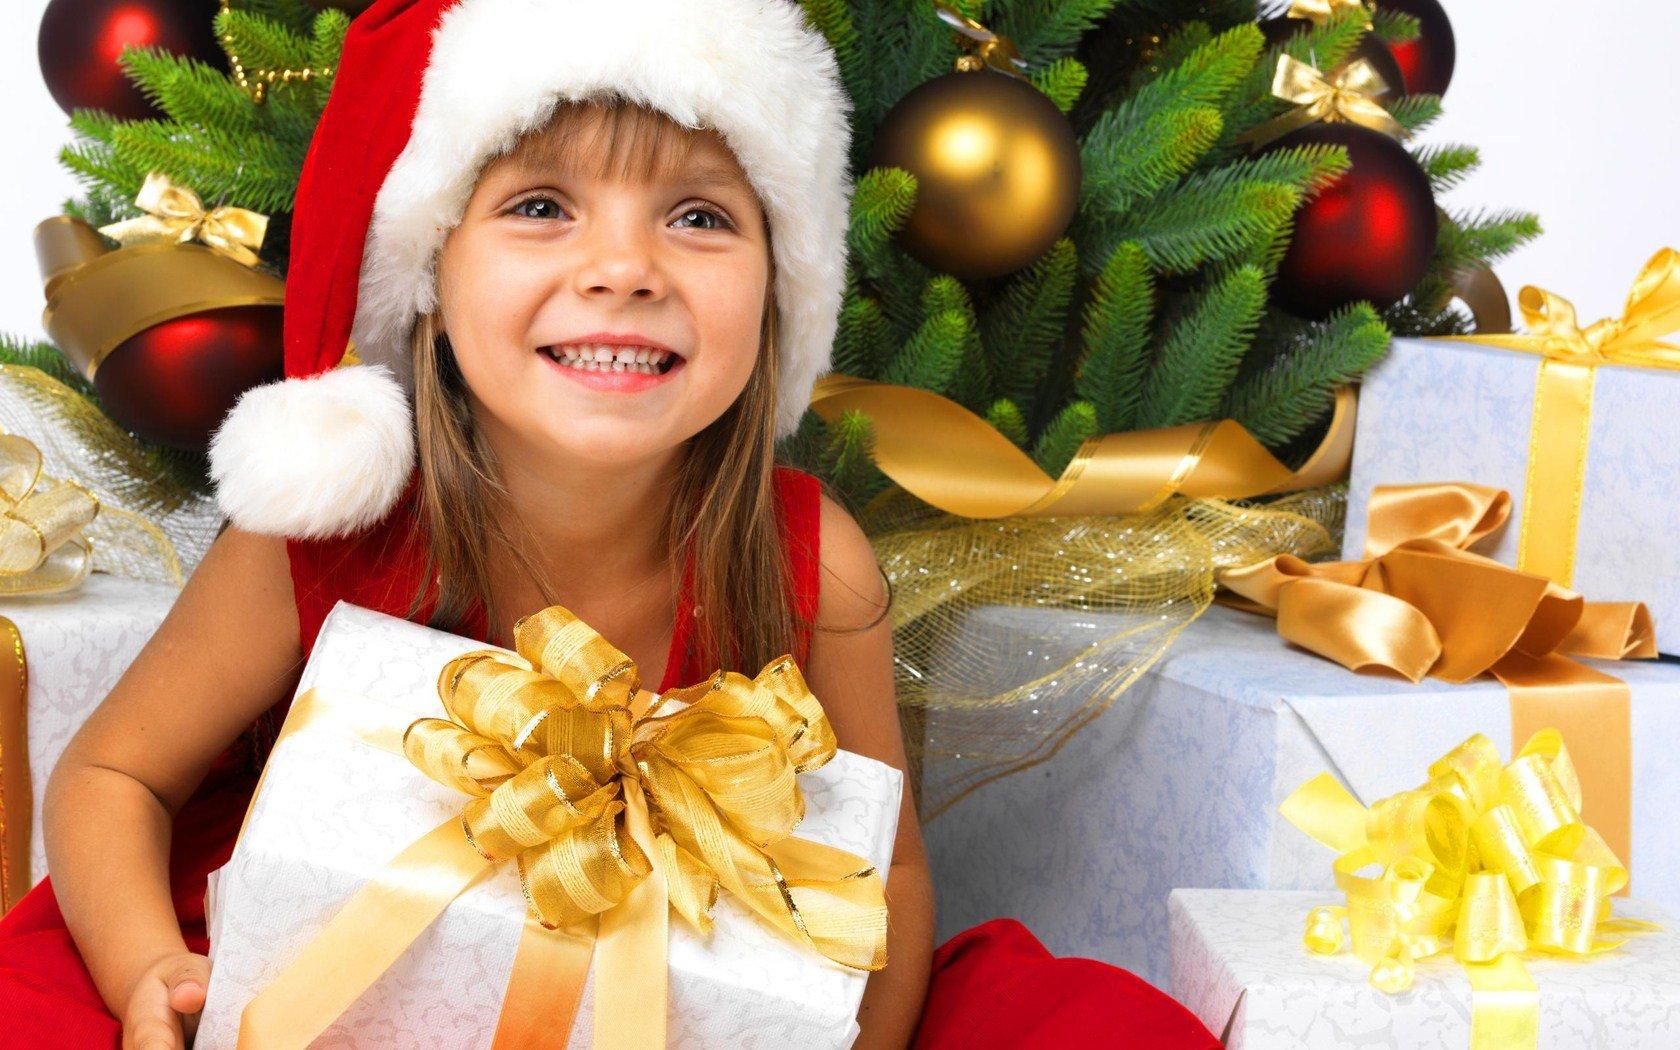 Aula Christmas Day